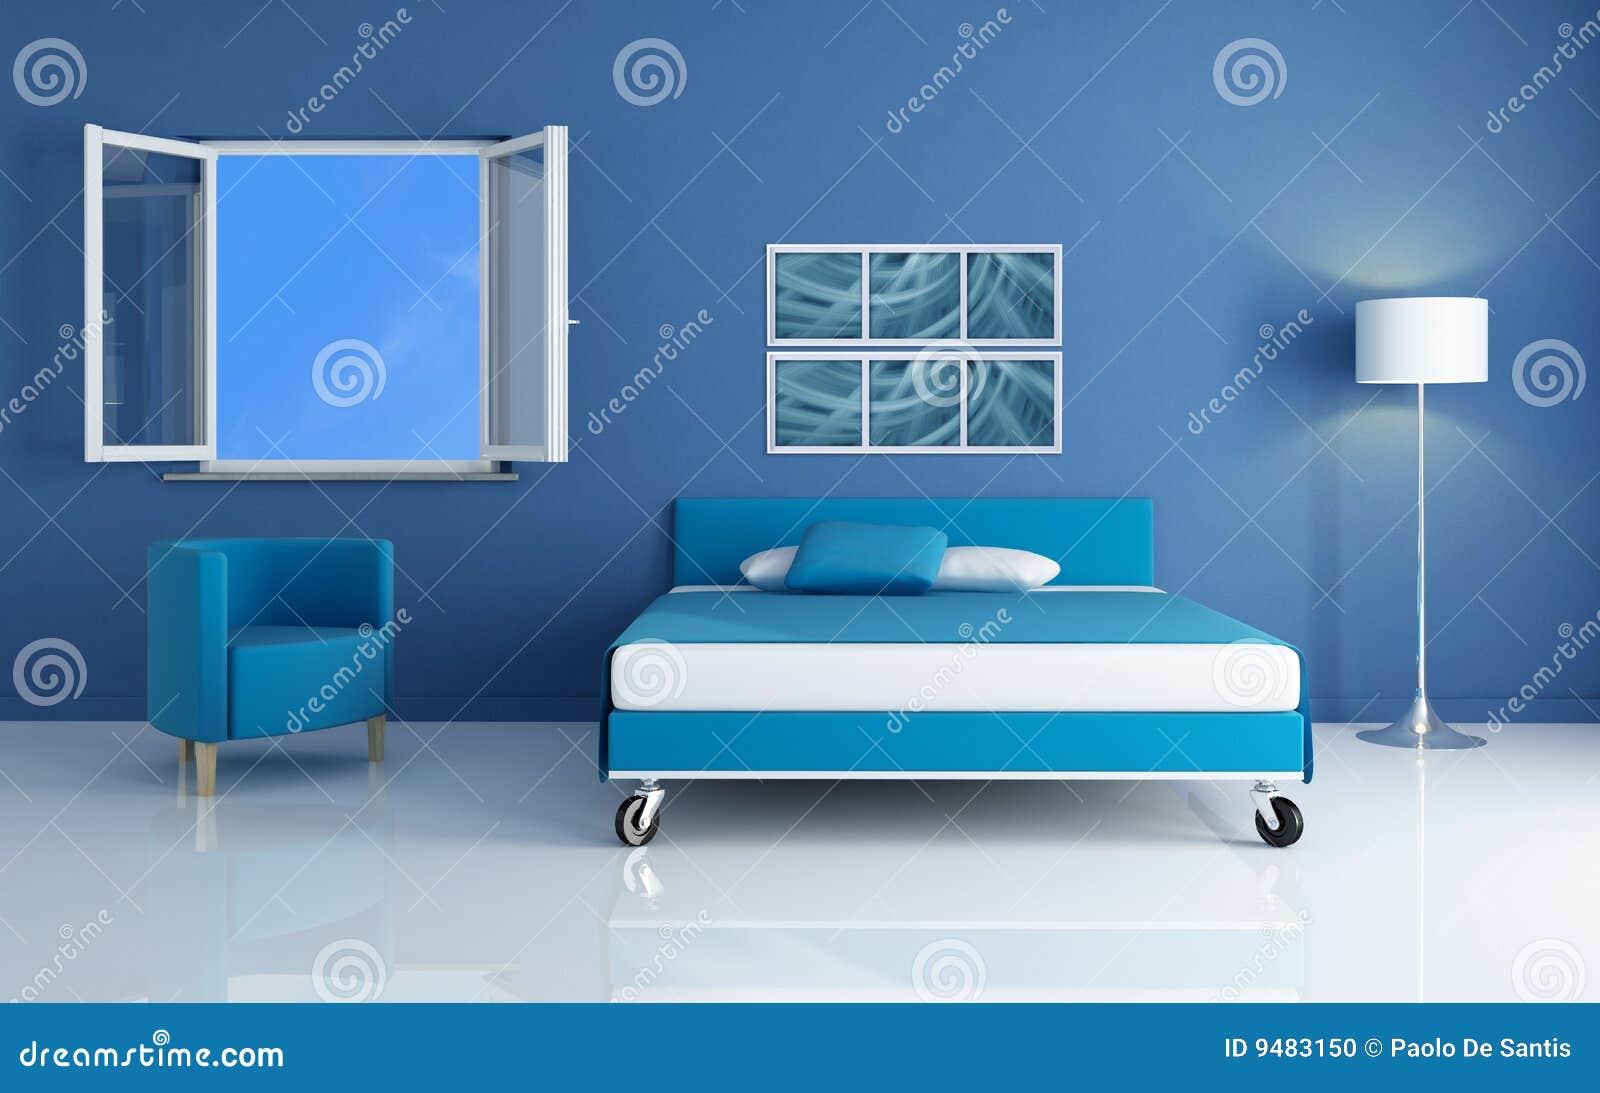 Camere Da Letto Blu : Camere da letto moderno camera da letto idee pareti pareti camere